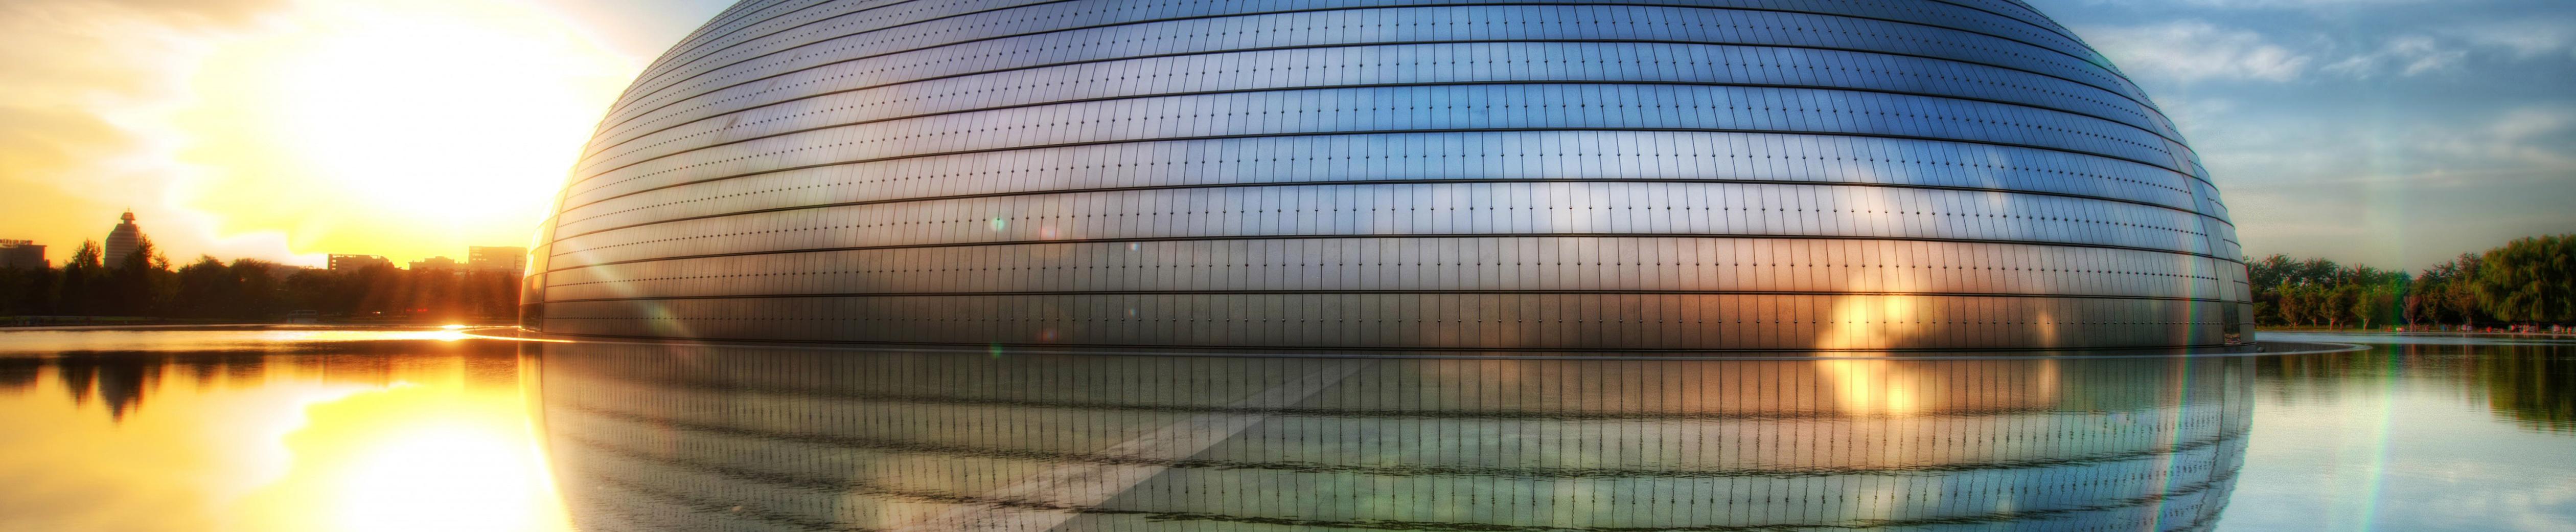 национальная опера пекина, центр, искусств